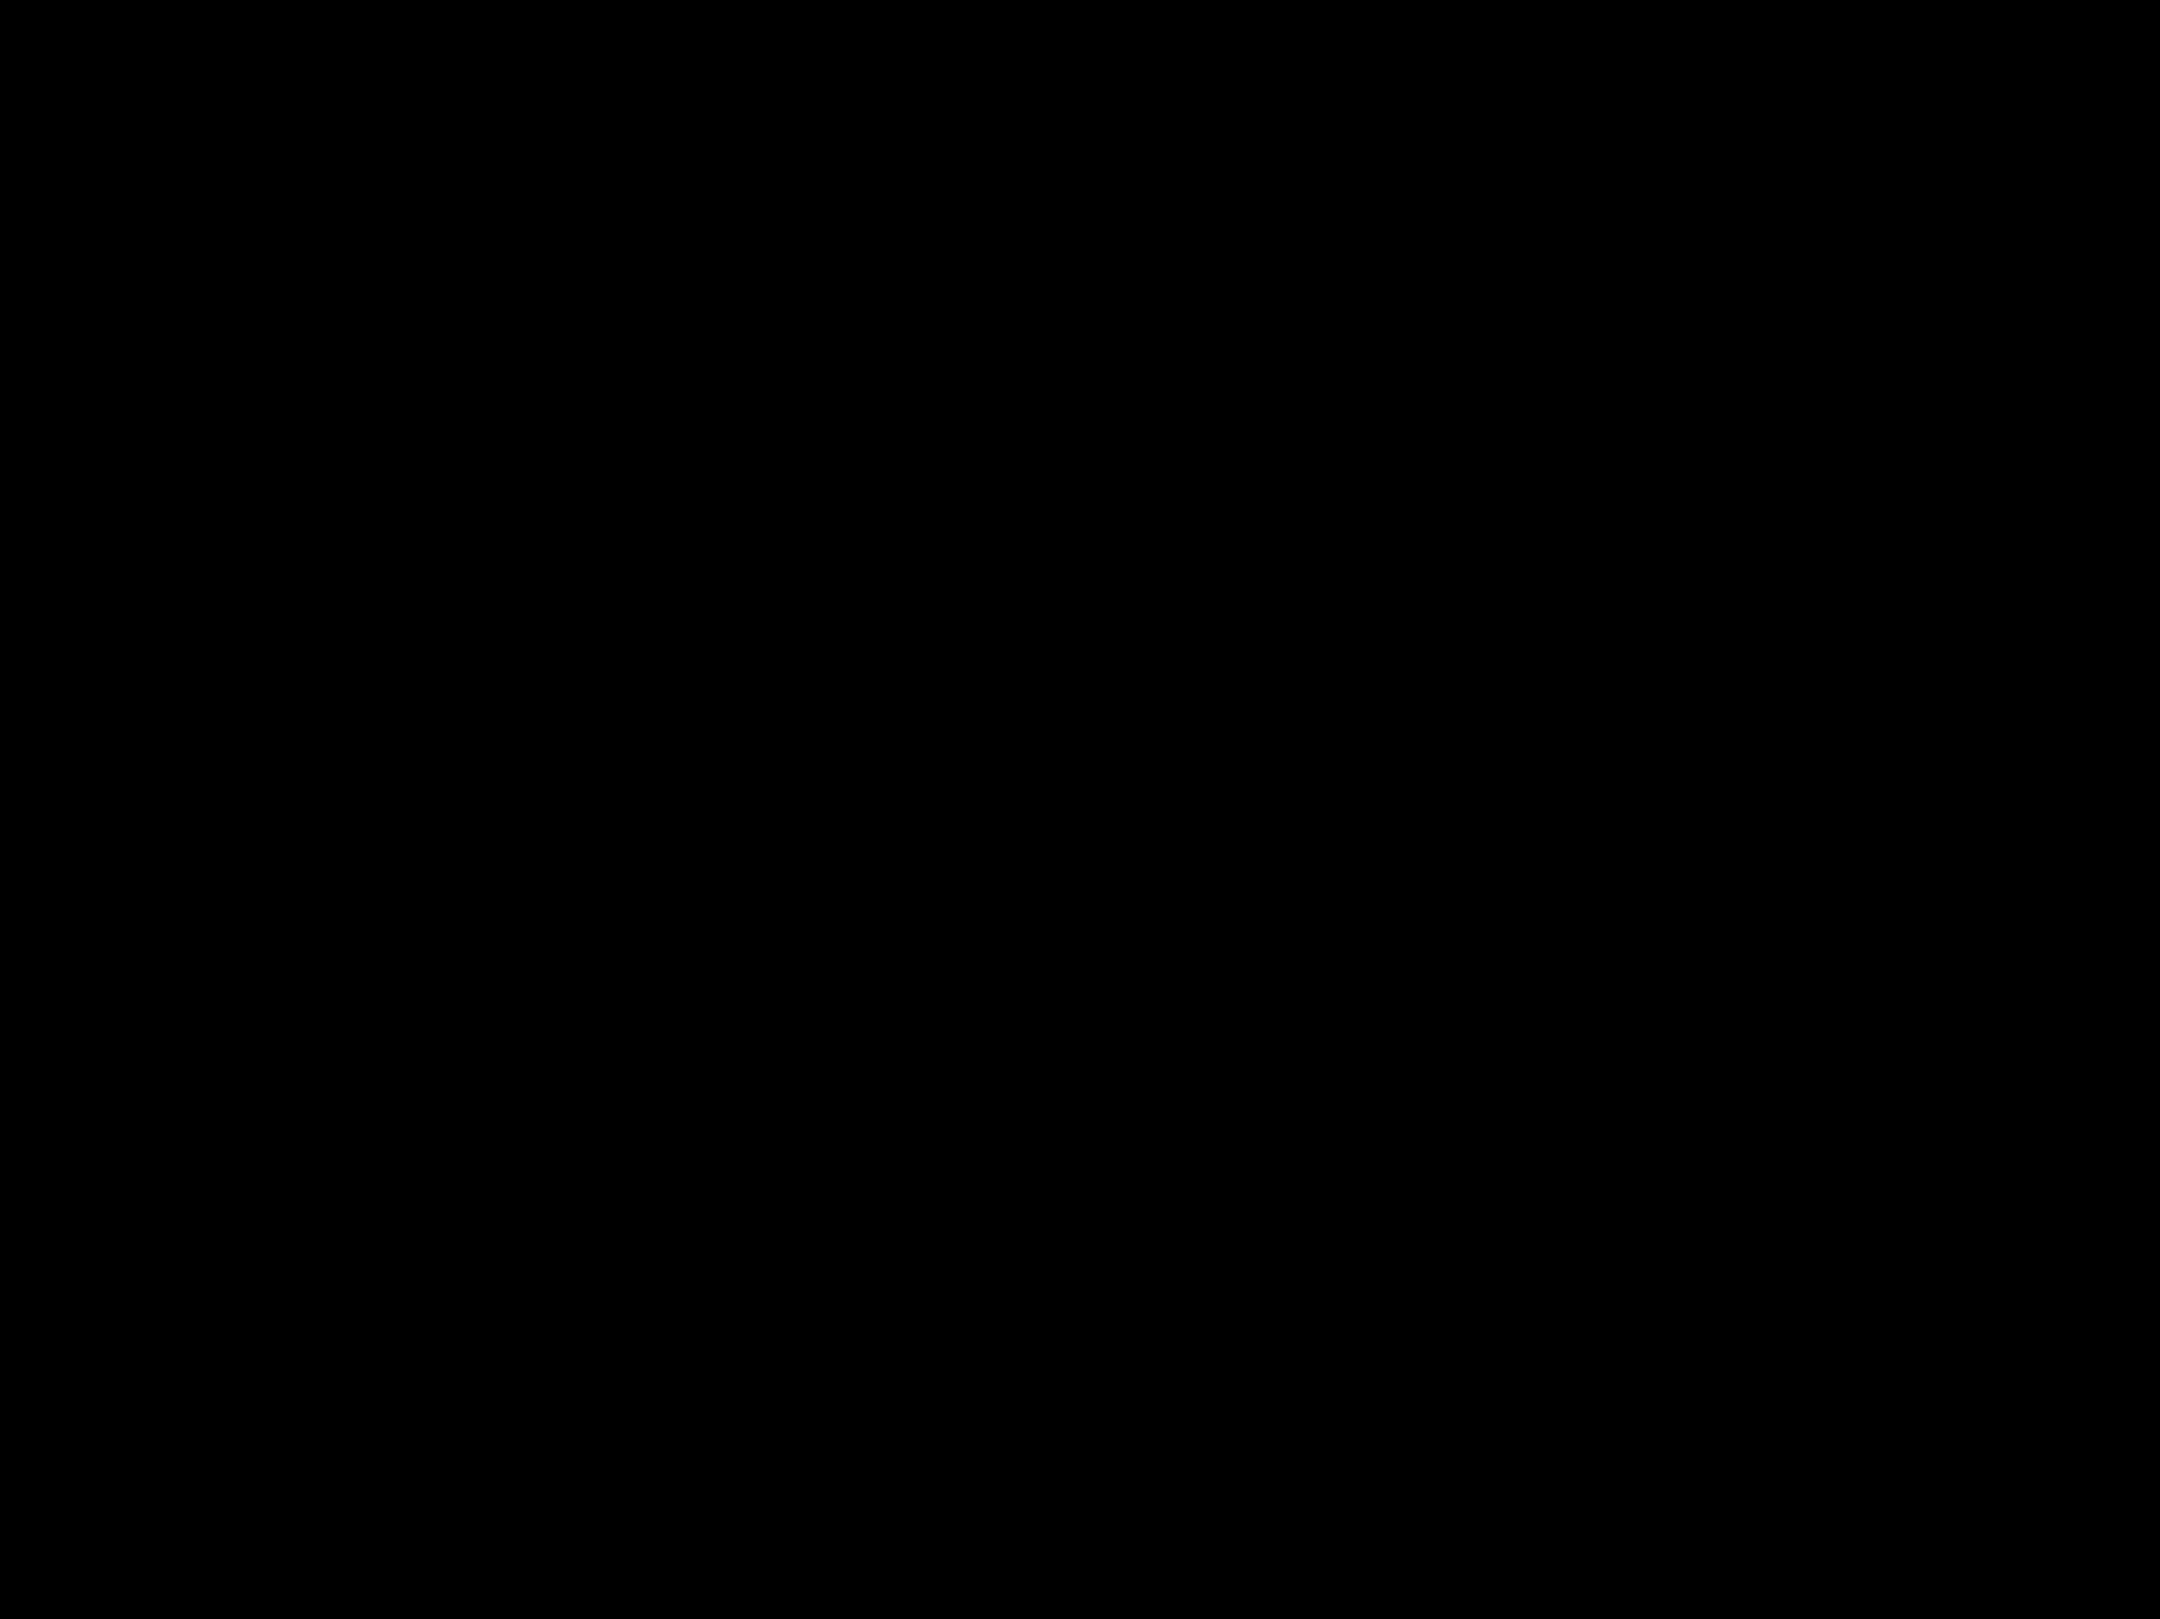 ПОЗДРАВЛЯЕМ С 70-ЛЕТНИМ ЮБИЛЕЕМ НАШЕГО КОЛЛЕГУ — АНАТОЛИЯ ВАСИЛЬЕВИЧА АГАРКОВА!